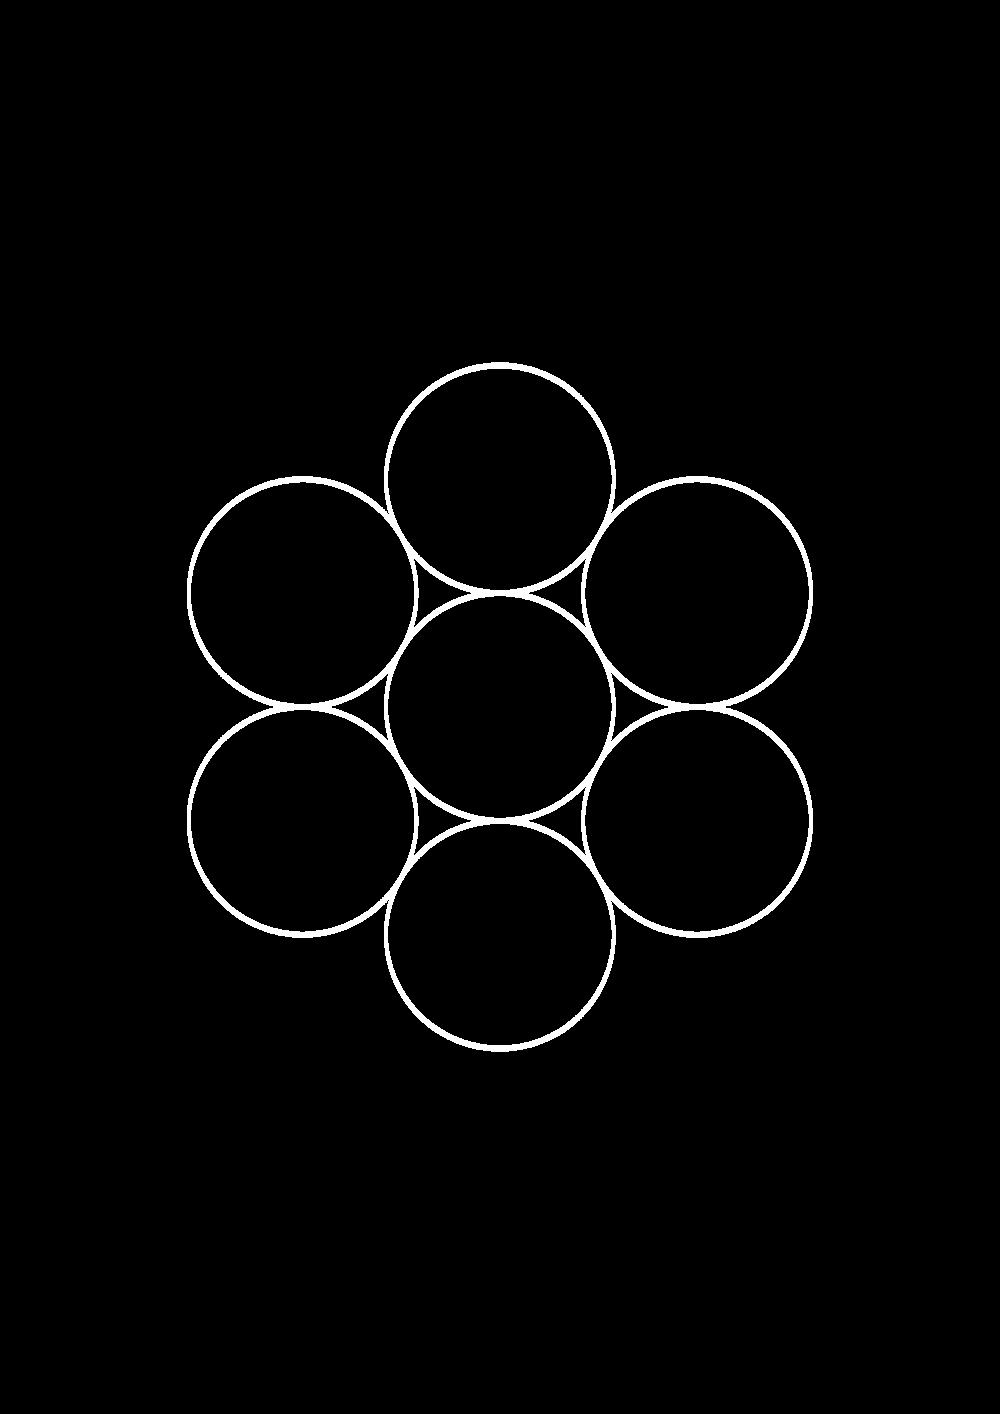 CIRCLES_01.png